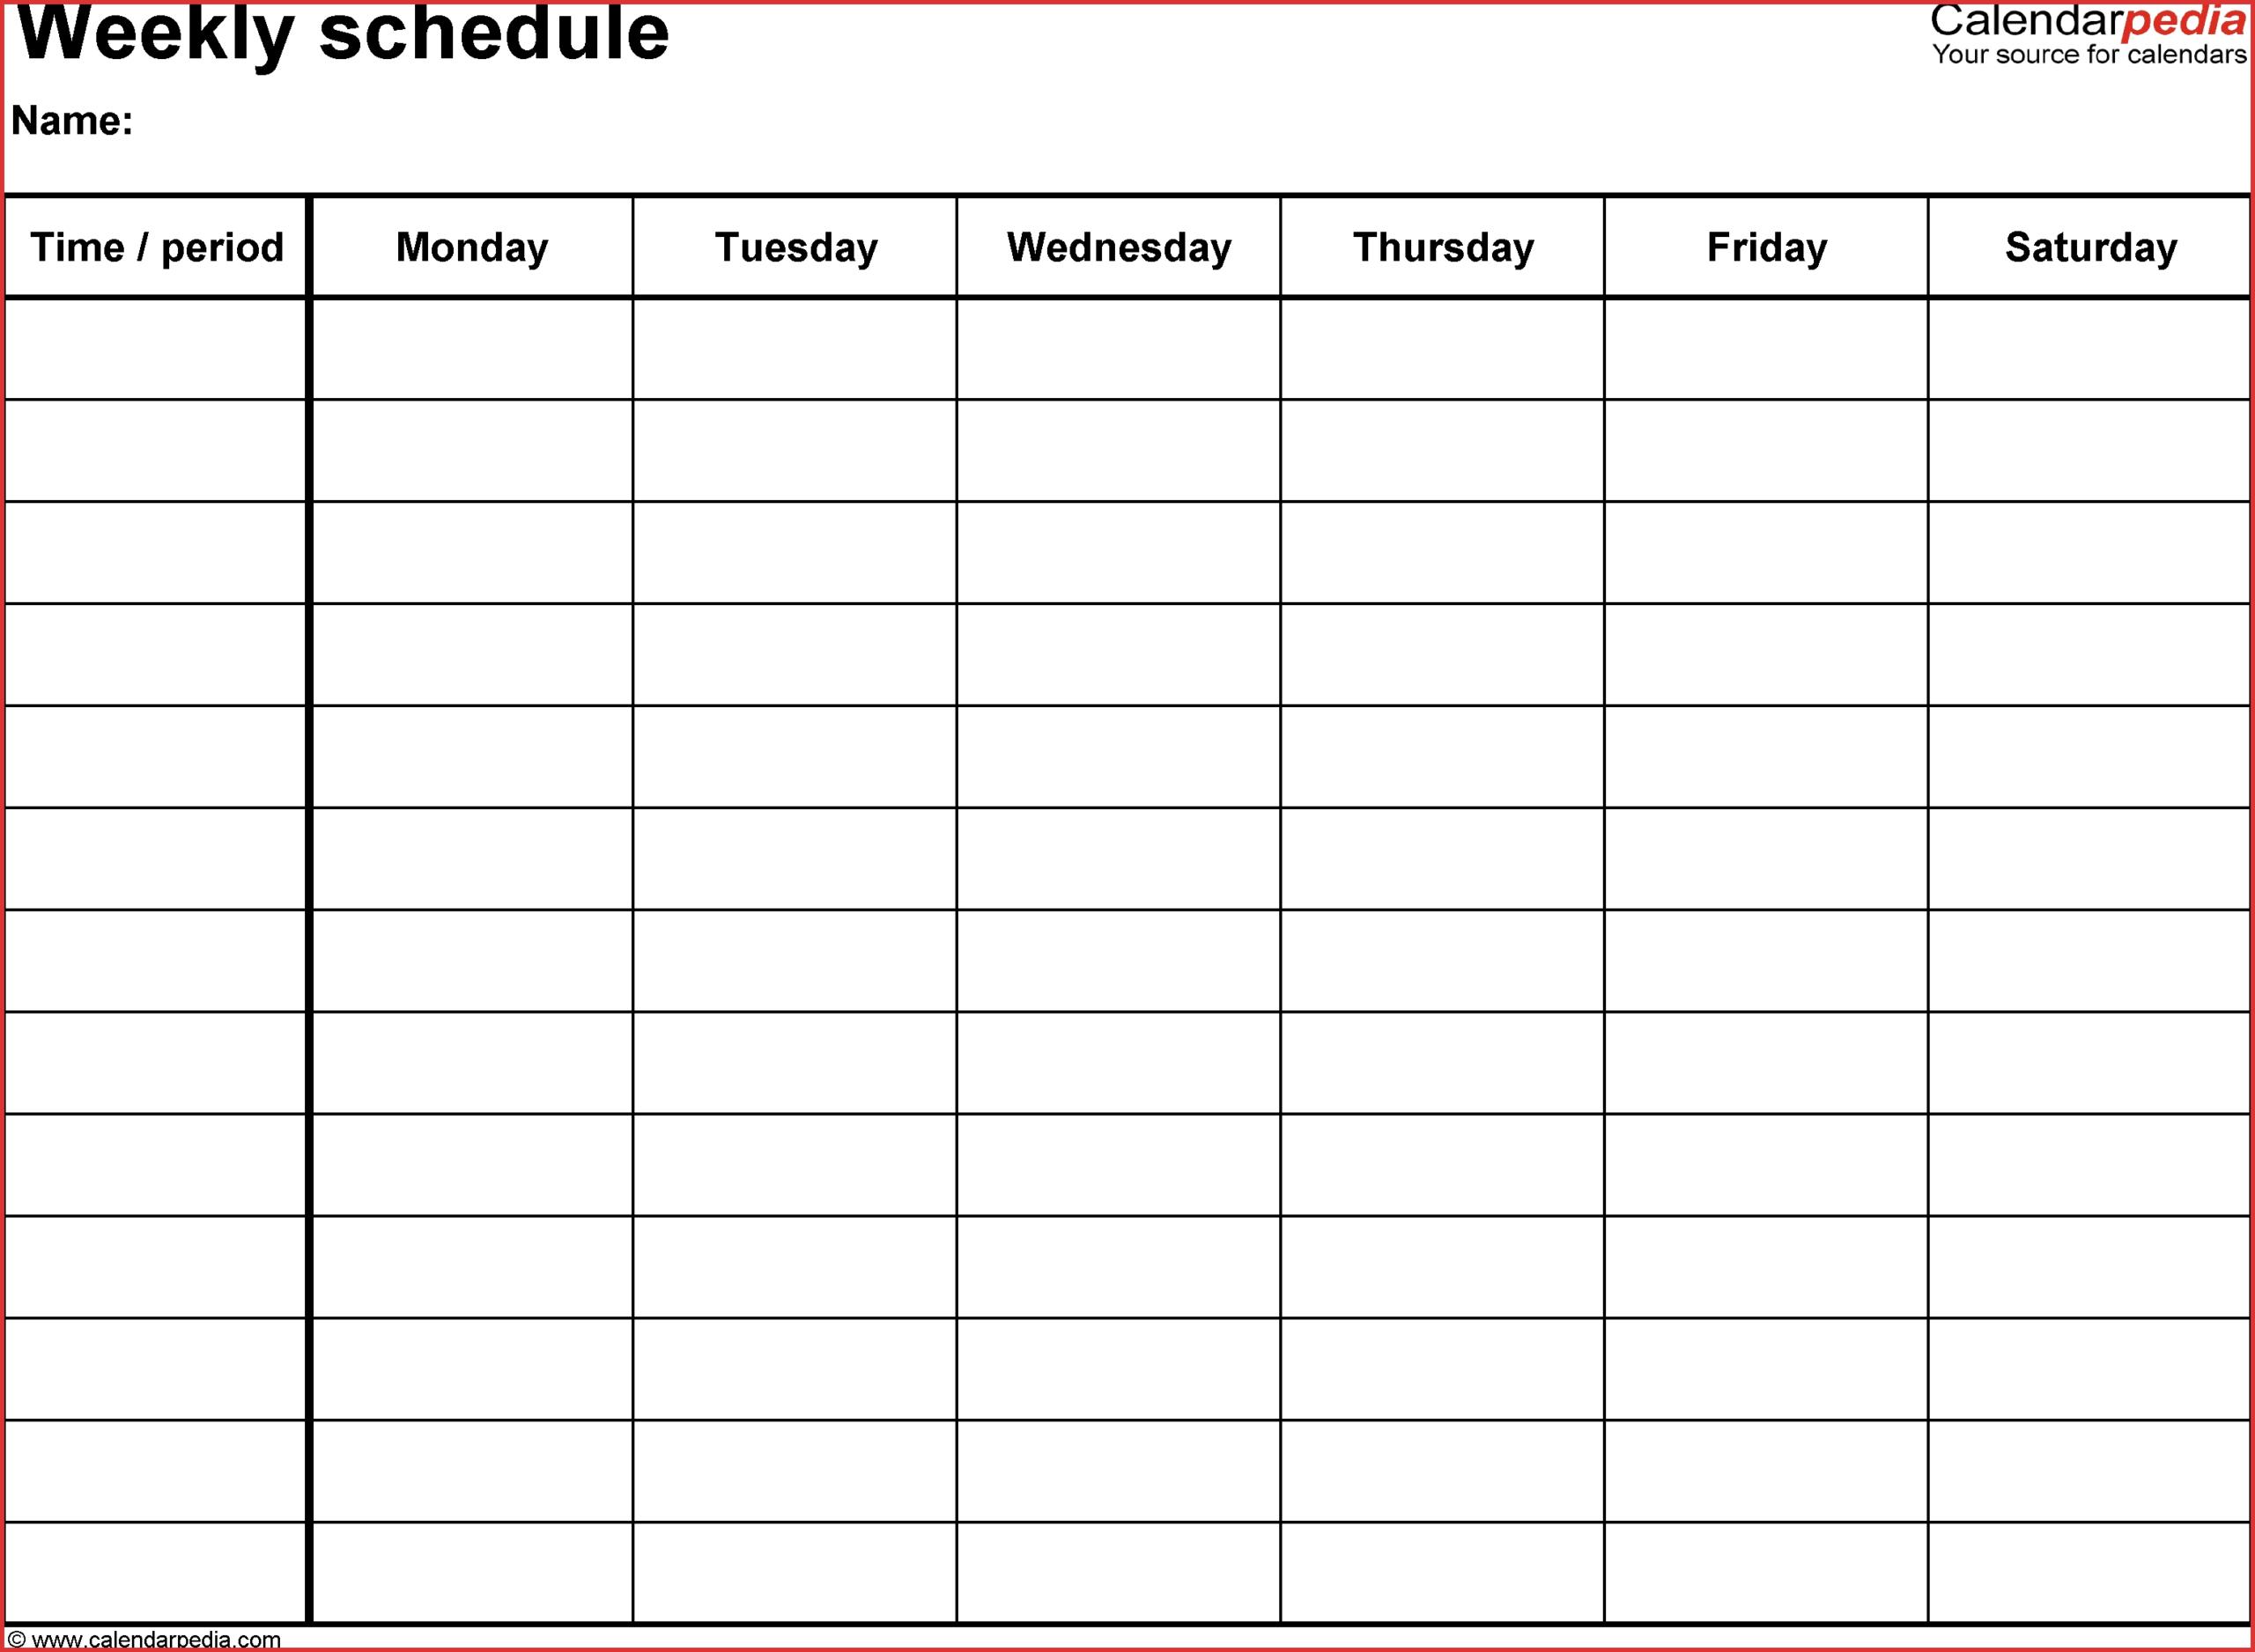 Print Calendar 6 Weeks | Calendar Printables Free Templates  Blank 6 Week Calendar Printable